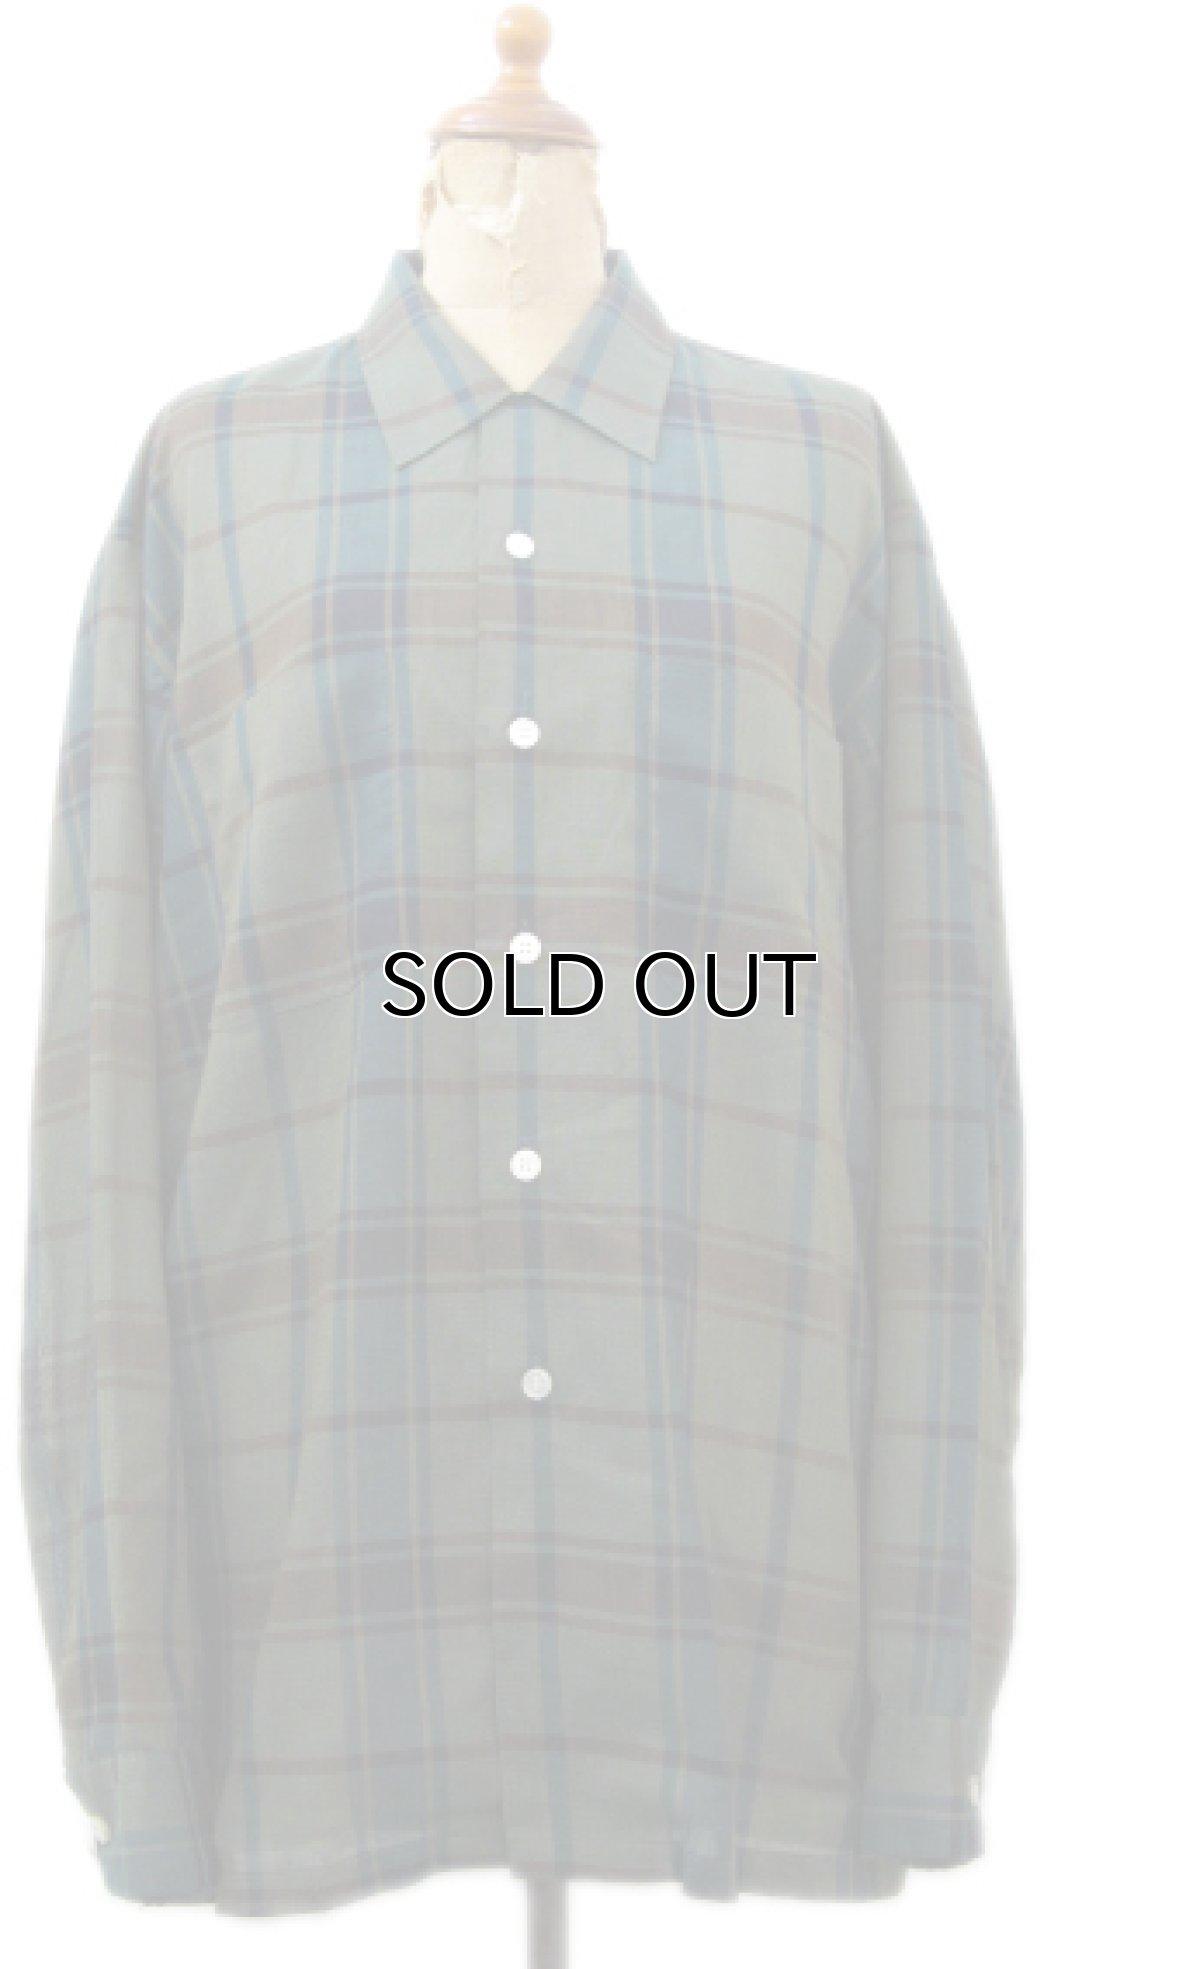 """画像1: 1960's """"The Halle Bros. Co."""" Check Pattern Box Shirts GREEN size L (表記 L 33) (1)"""